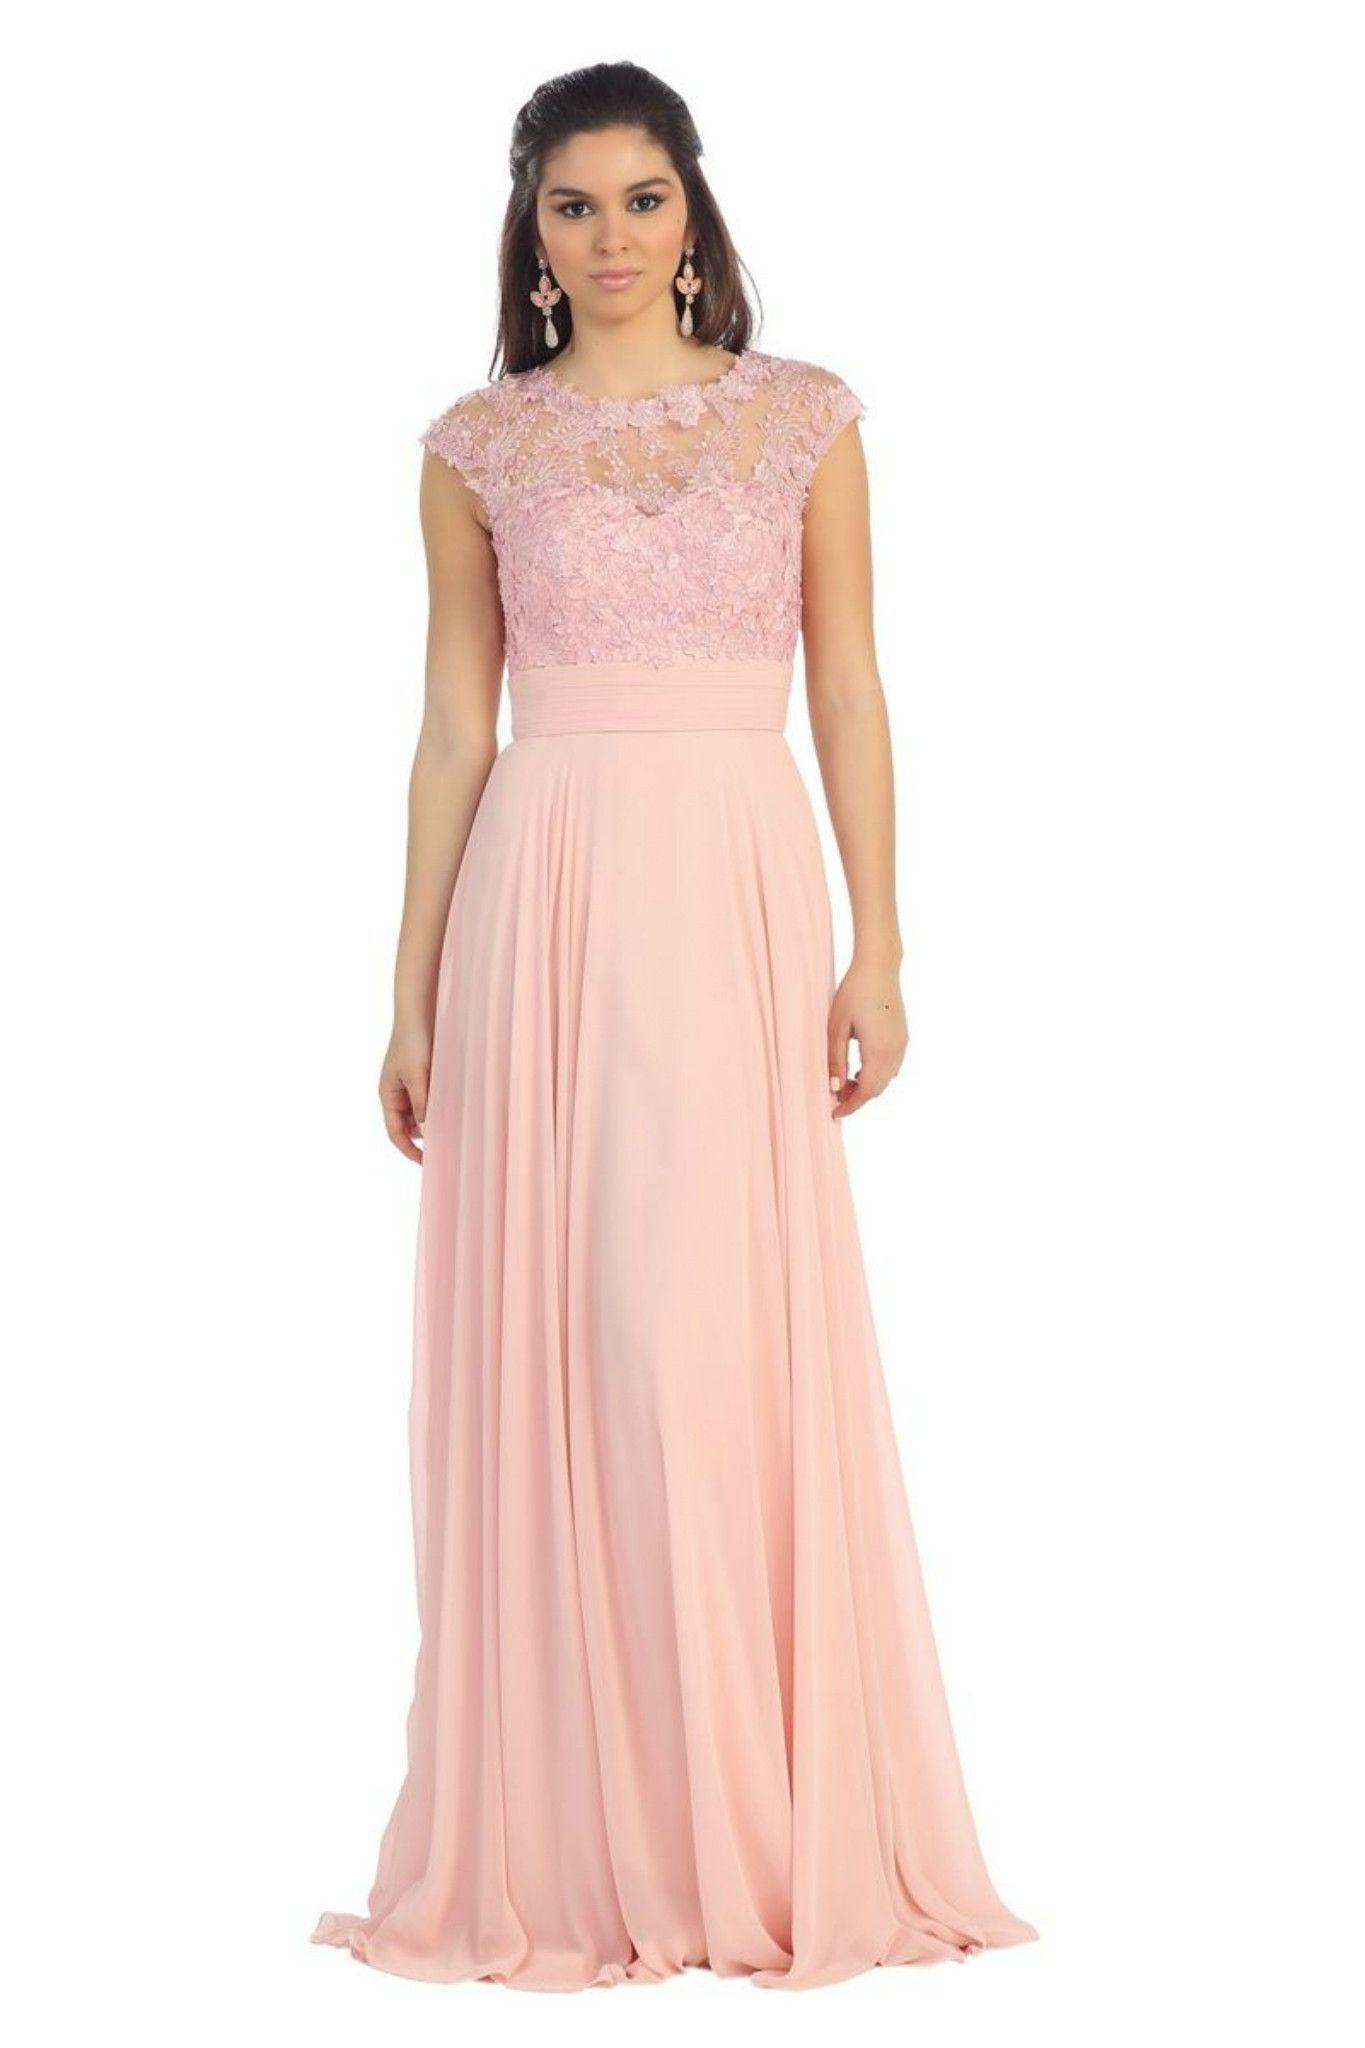 Moderno Wedding Anniversary Dresses Bosquejo - Colección de Vestidos ...